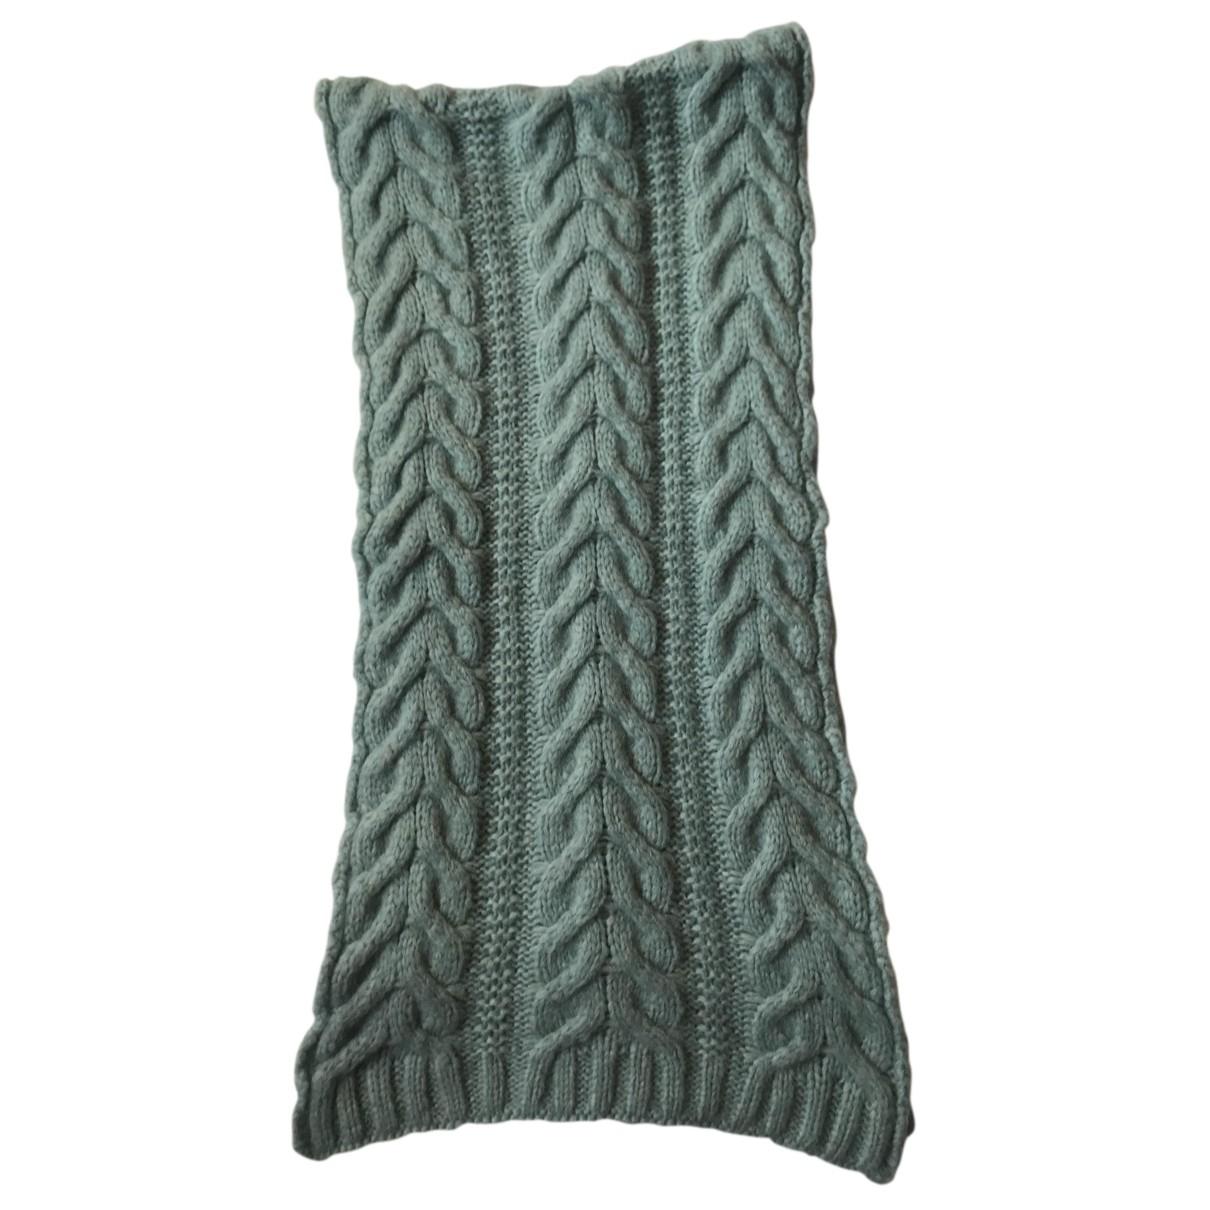 Maison Martin Margiela - Foulard   pour femme en laine